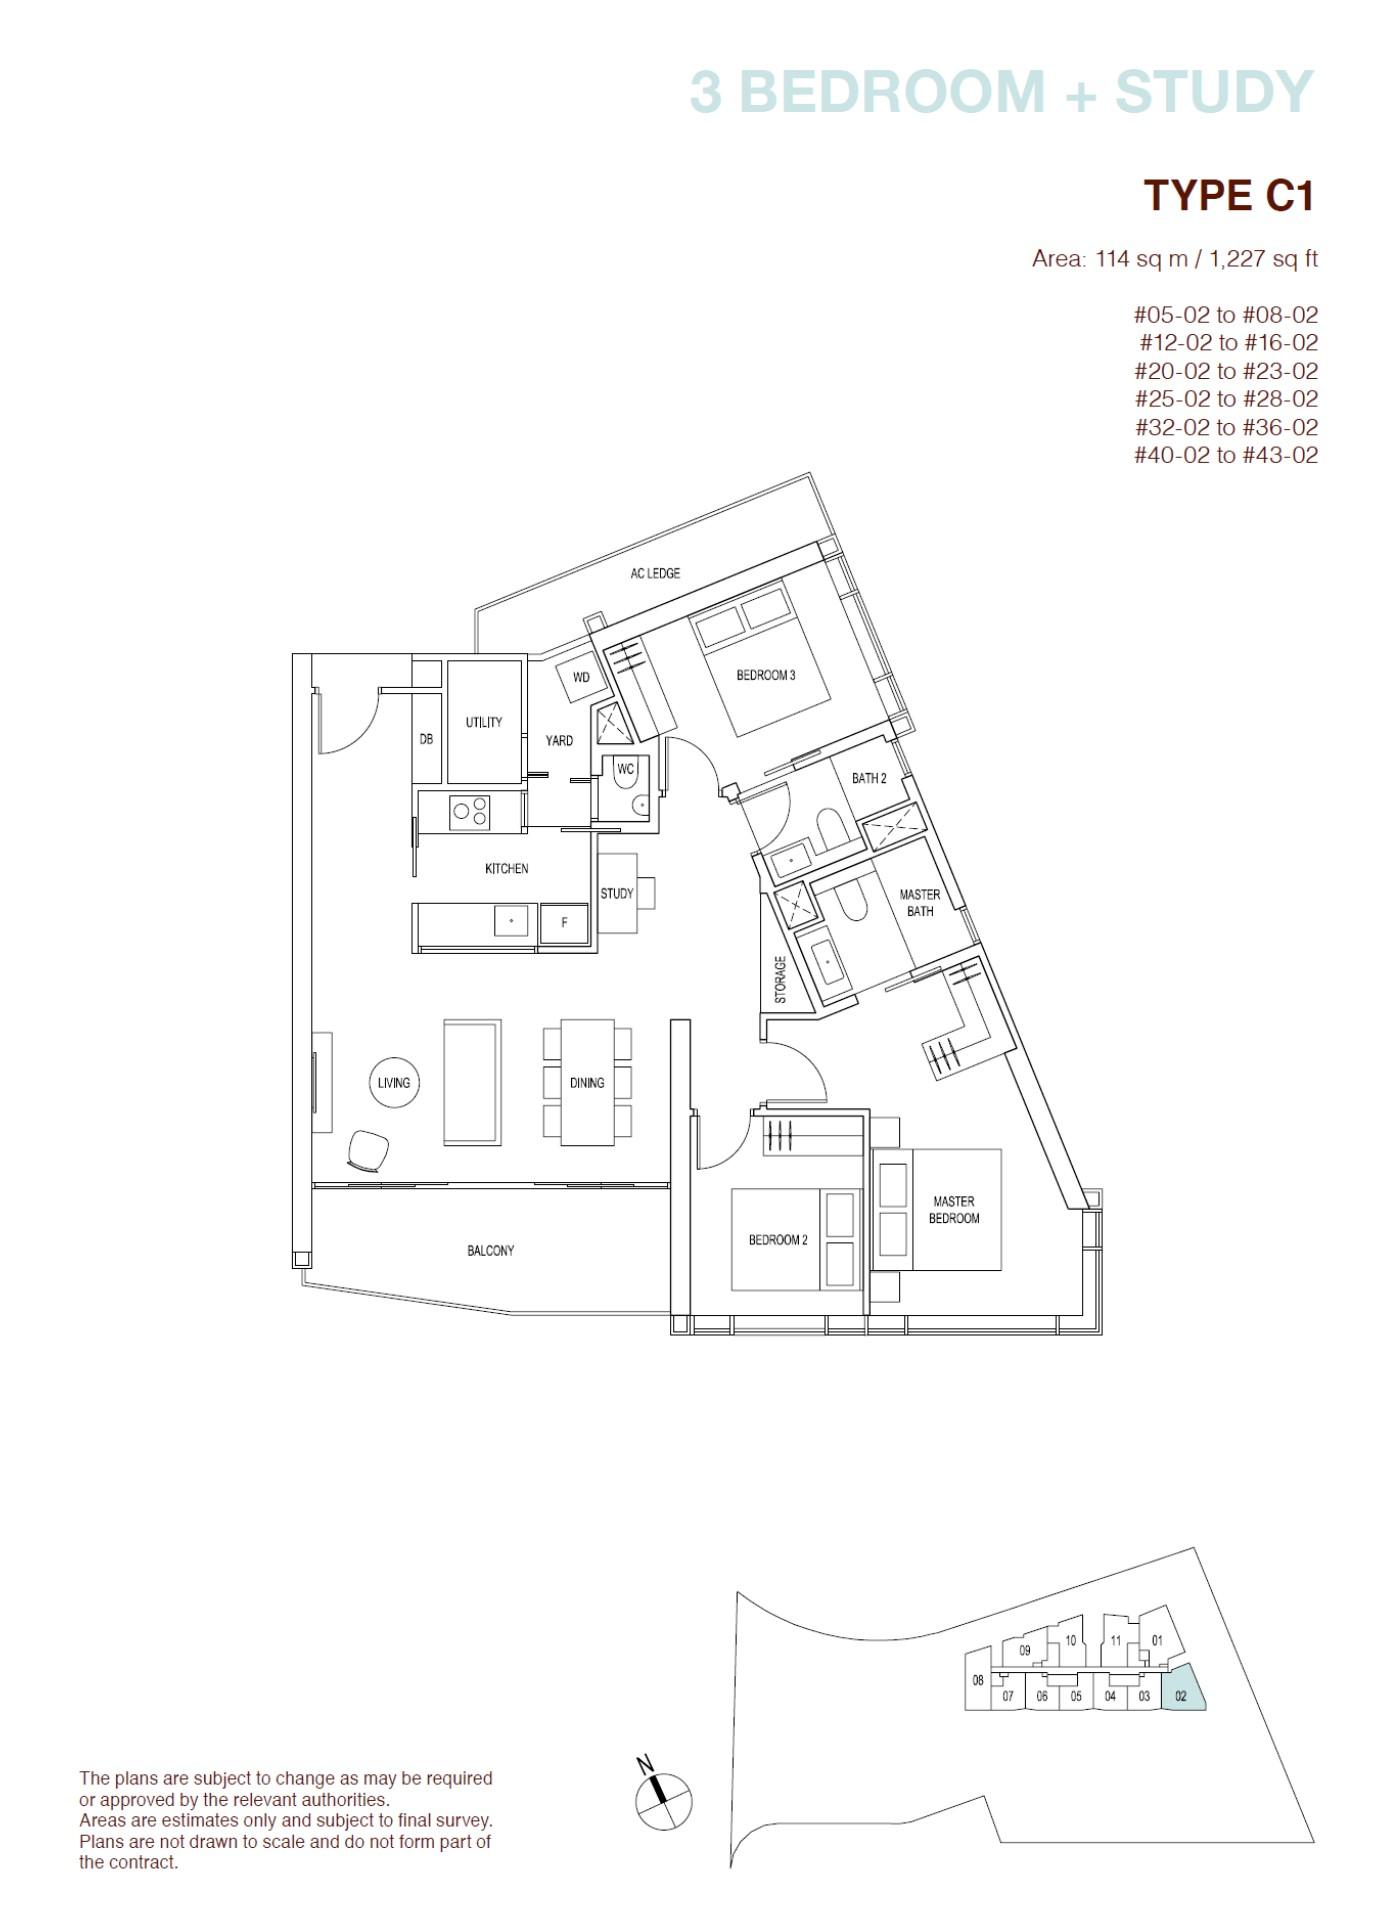 ARTRA Floor Plan Type C1